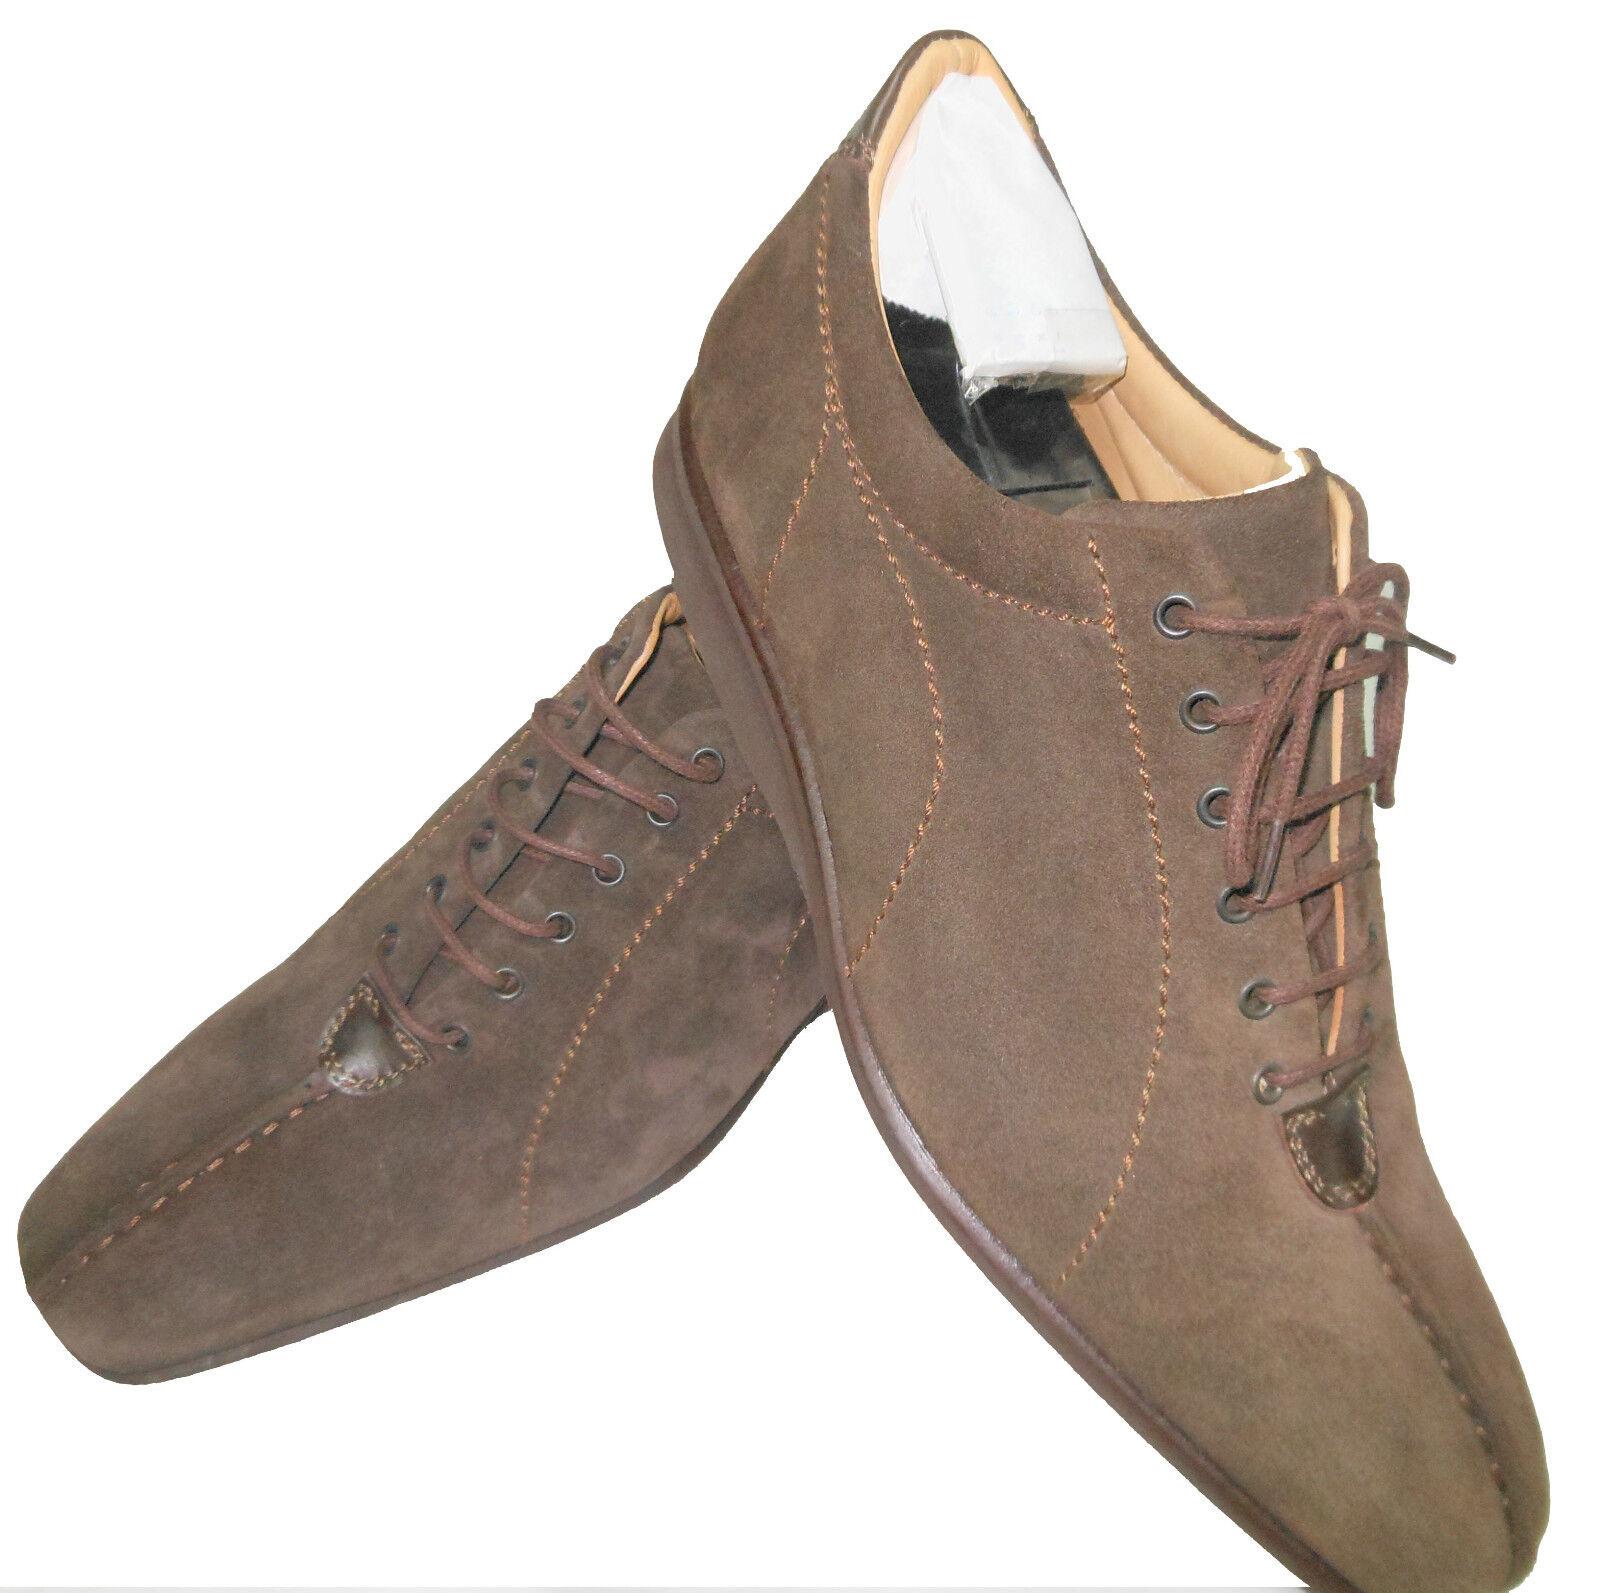 Scarpe uomo sportive art Vagar€ 119,00 Scarpe classiche da uomo